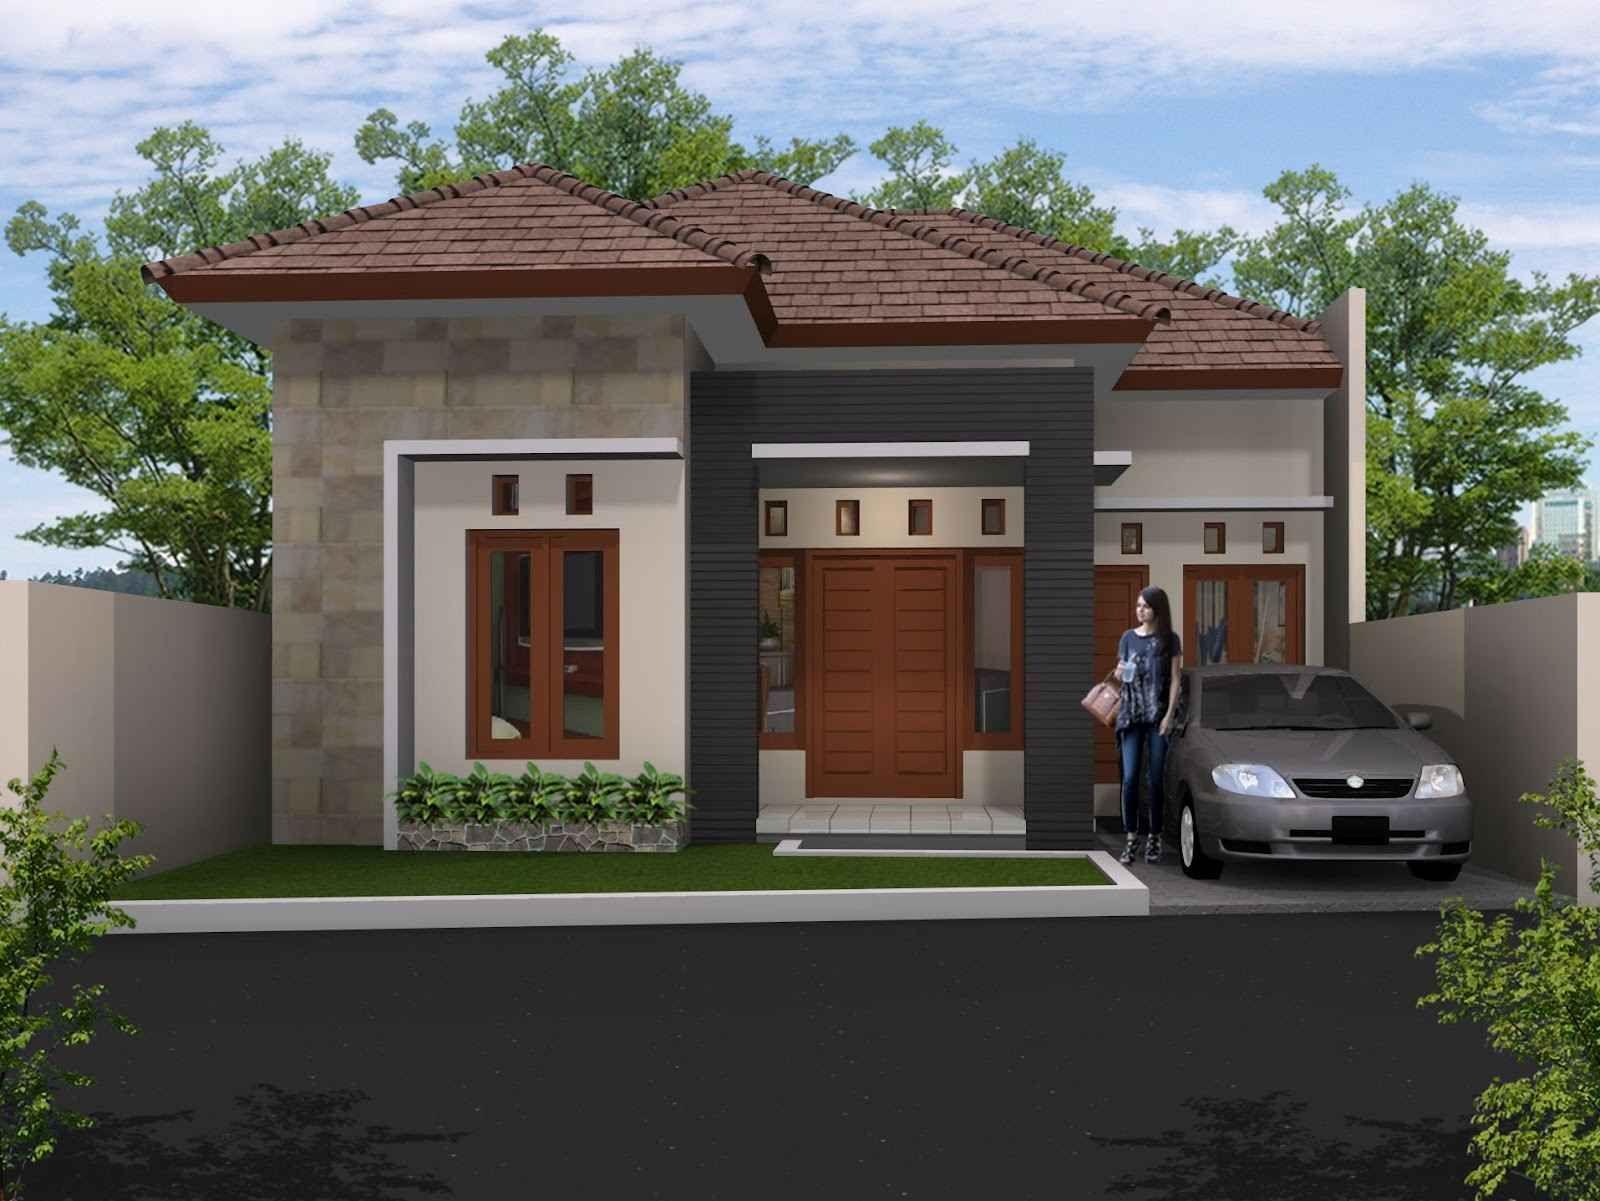 82 Gambar Desain Rumah Minimalis Atap Limas Yang Paling Baru Dari Model Rumah Minimalis Atap Limas Desain1lantai Desainr Rumah Minimalis Desain Rumah Desain